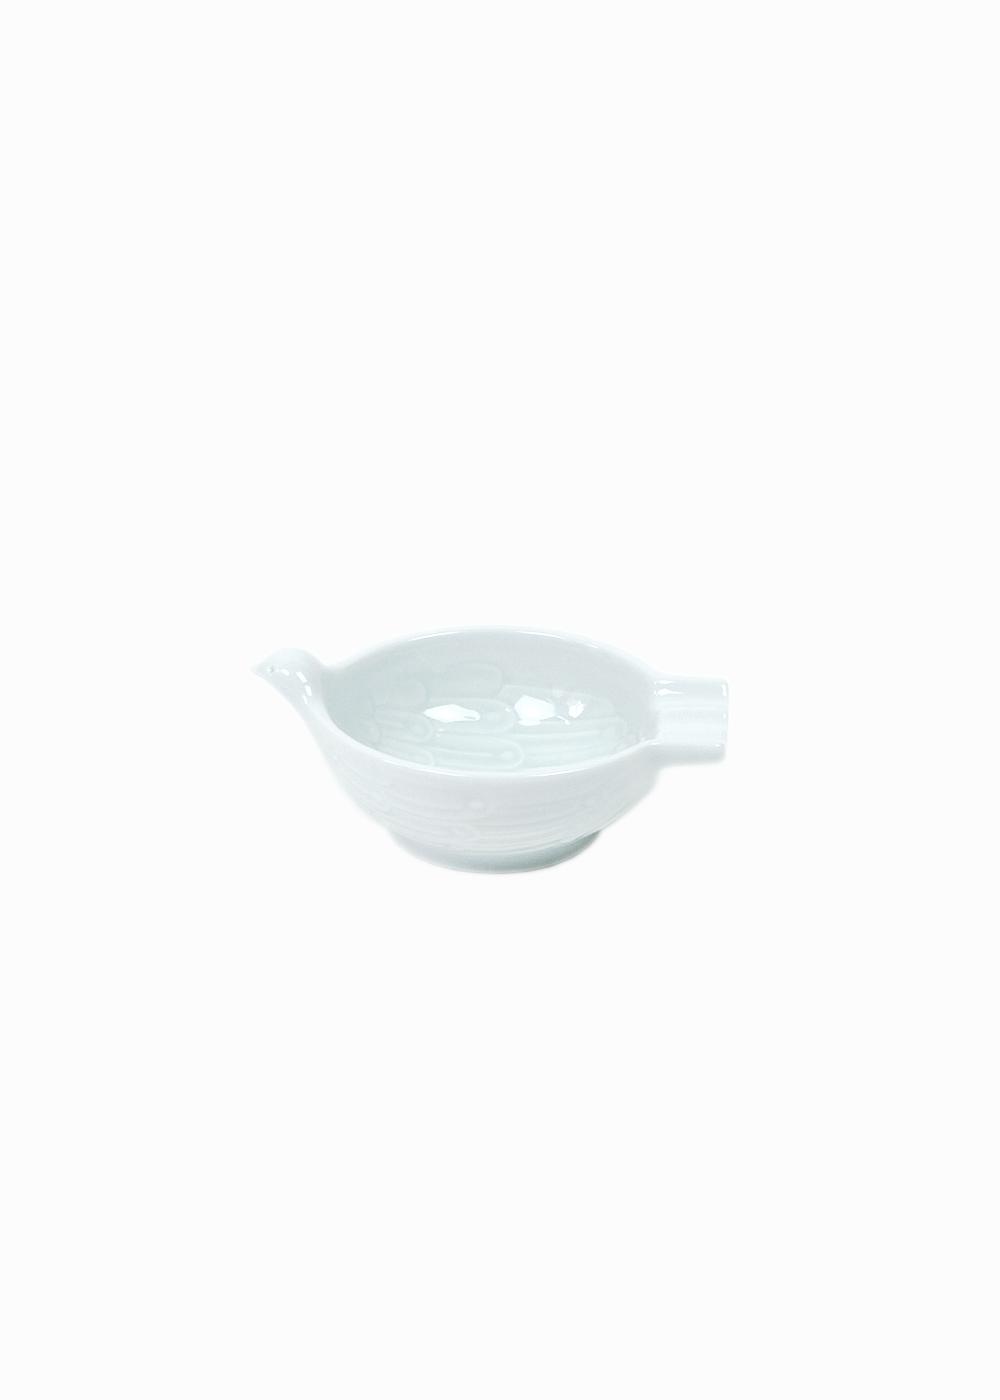 Hakusanporcelain-nut-bowl-01